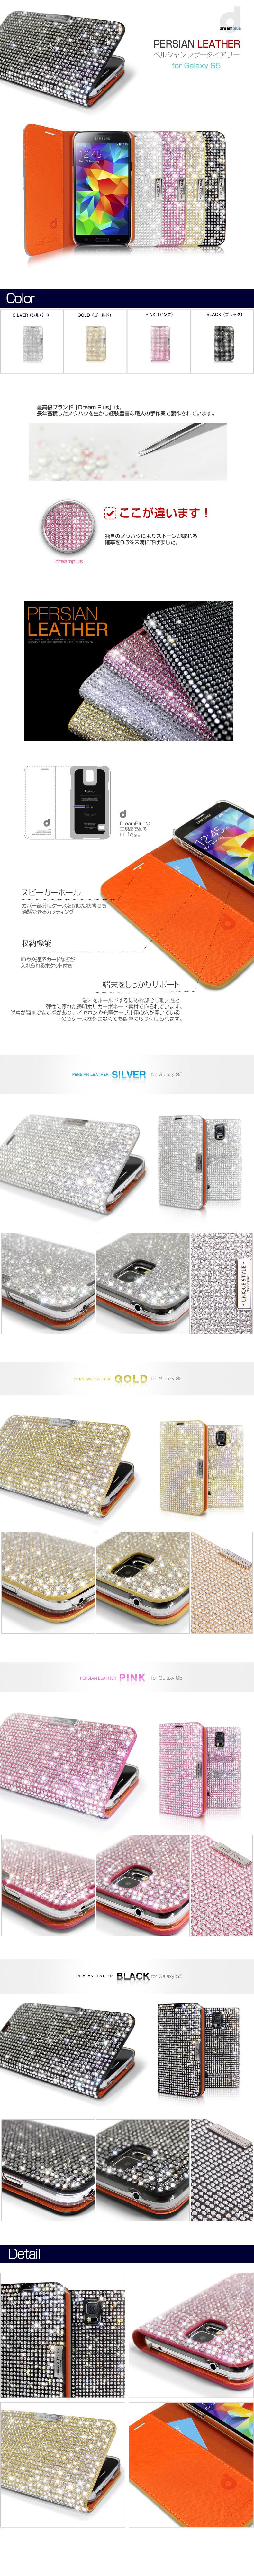 商品詳細 GALAXY S5 ケースDreamPlus Persian Leather Diary(ペルシャンレザーダイアリー)